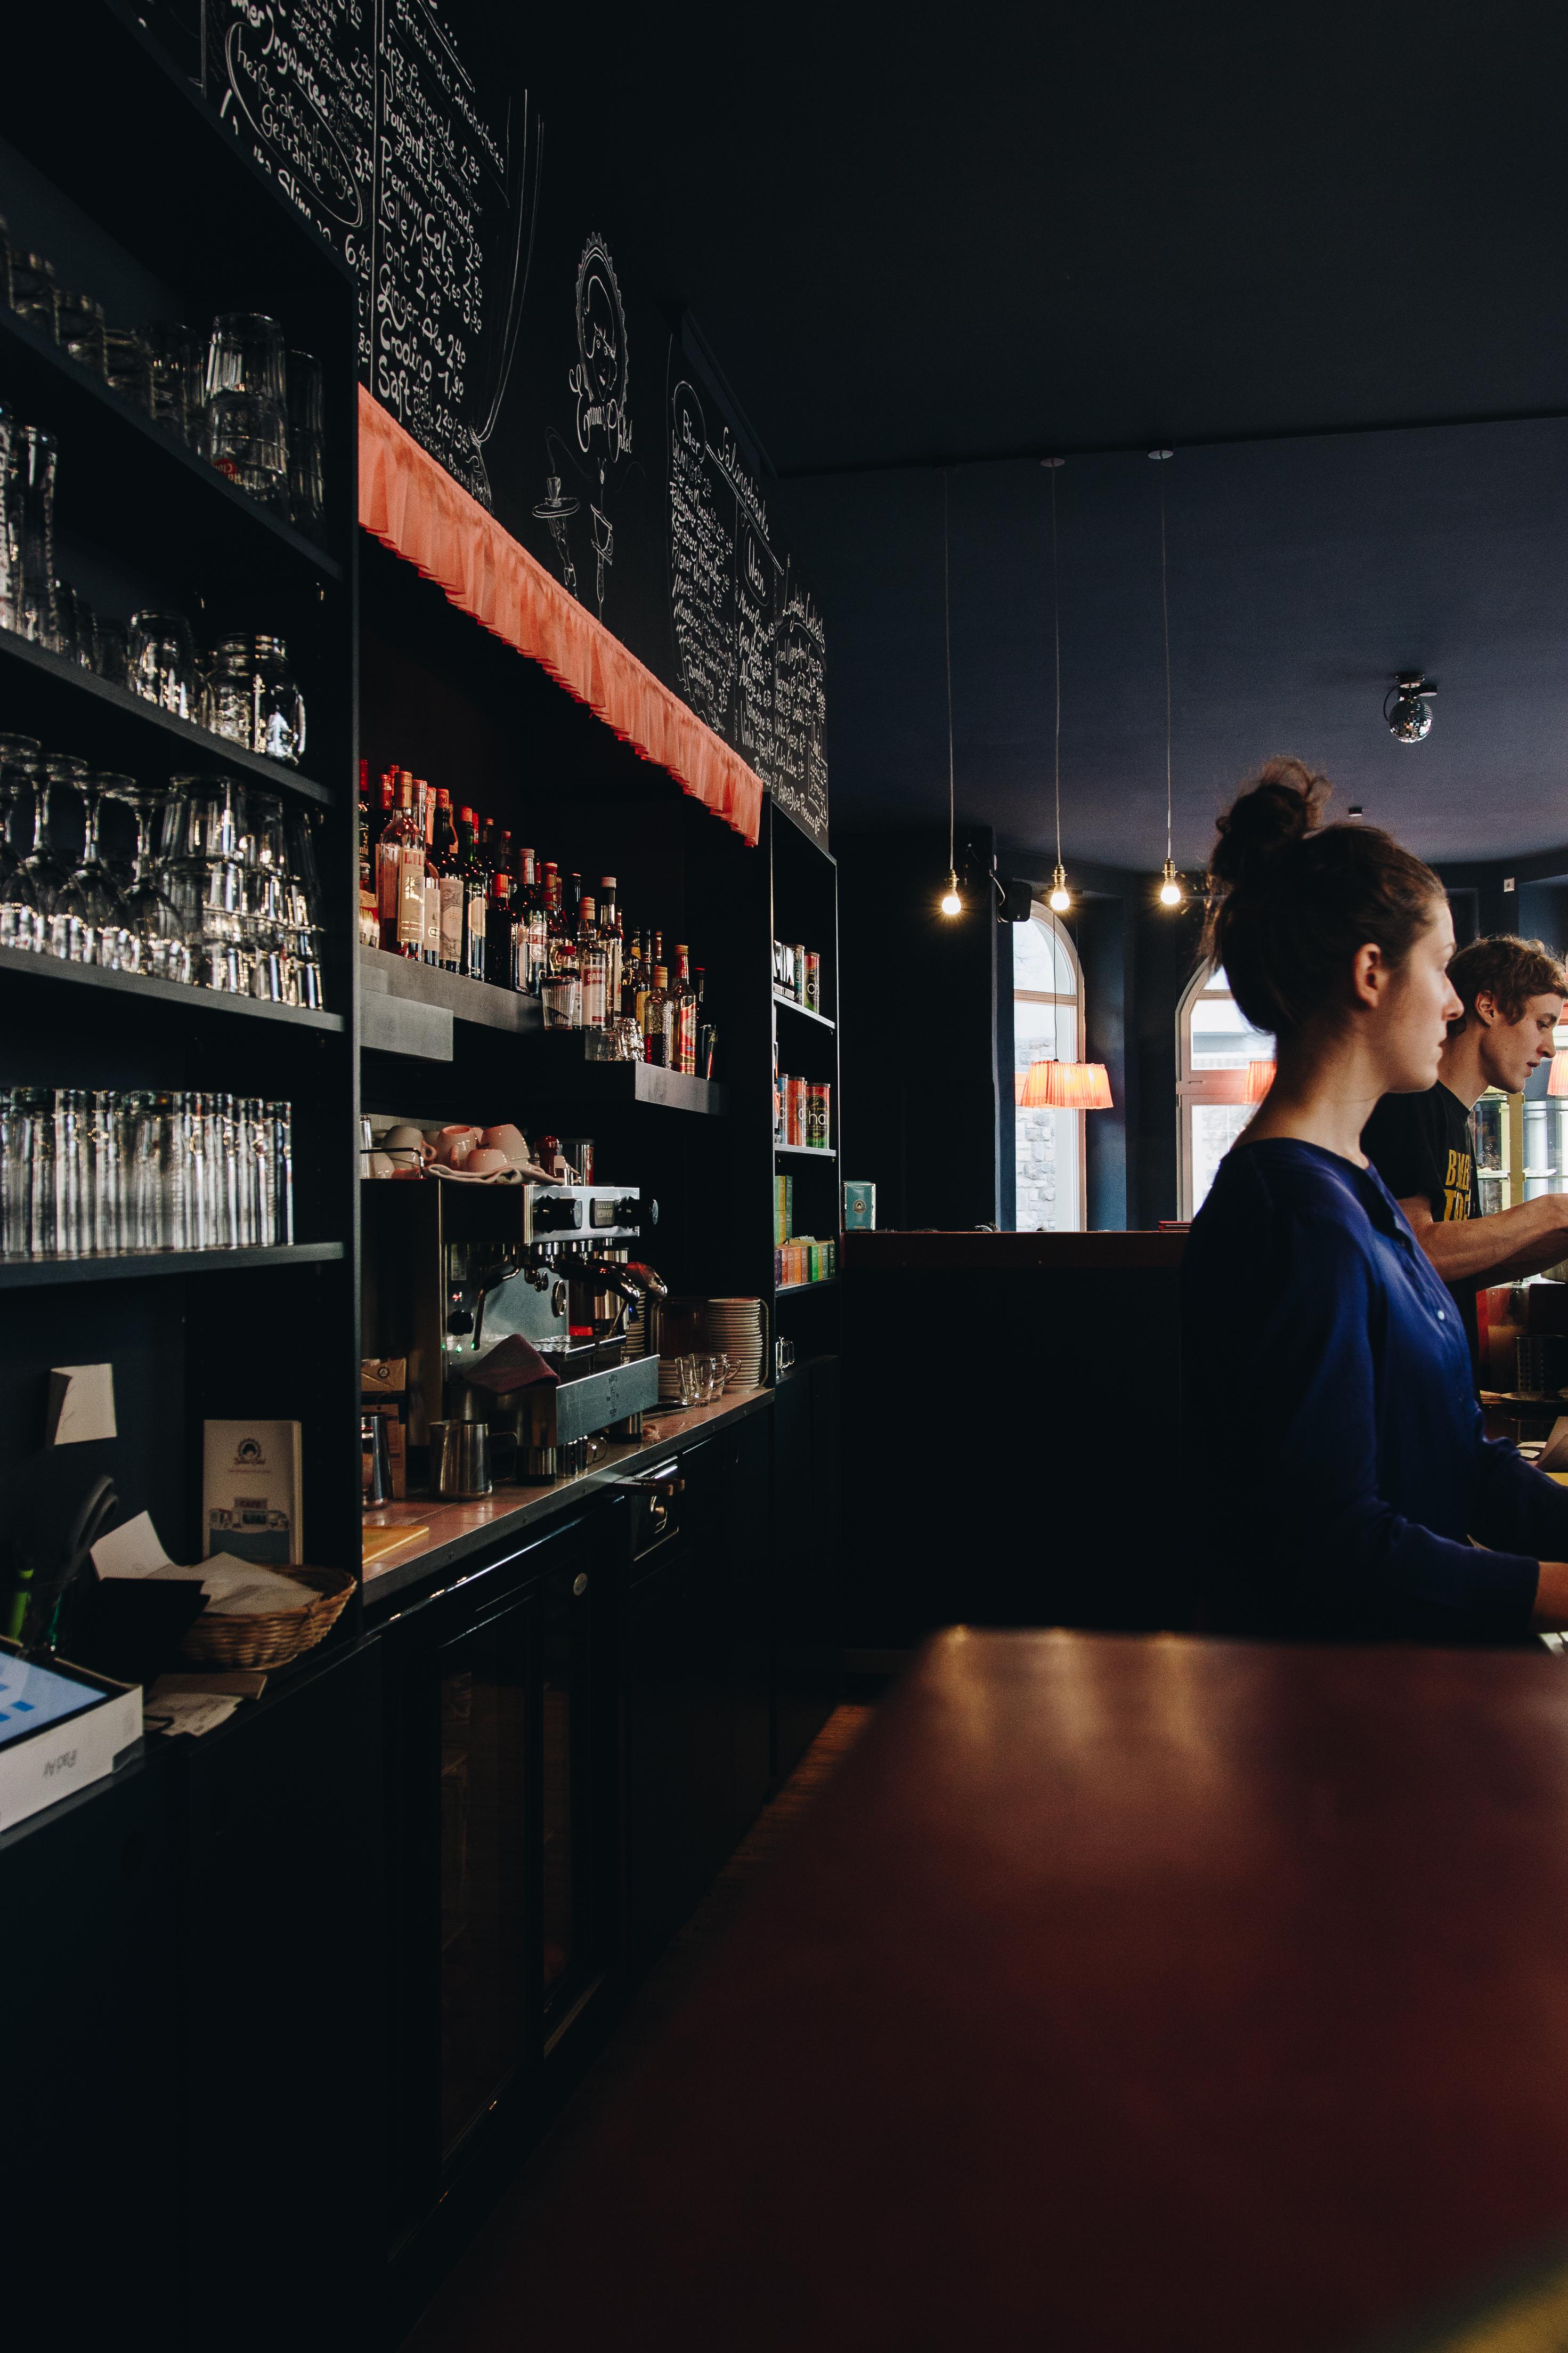 emmas onkel-chemnitz-café-kuchen-annabelle sagt22